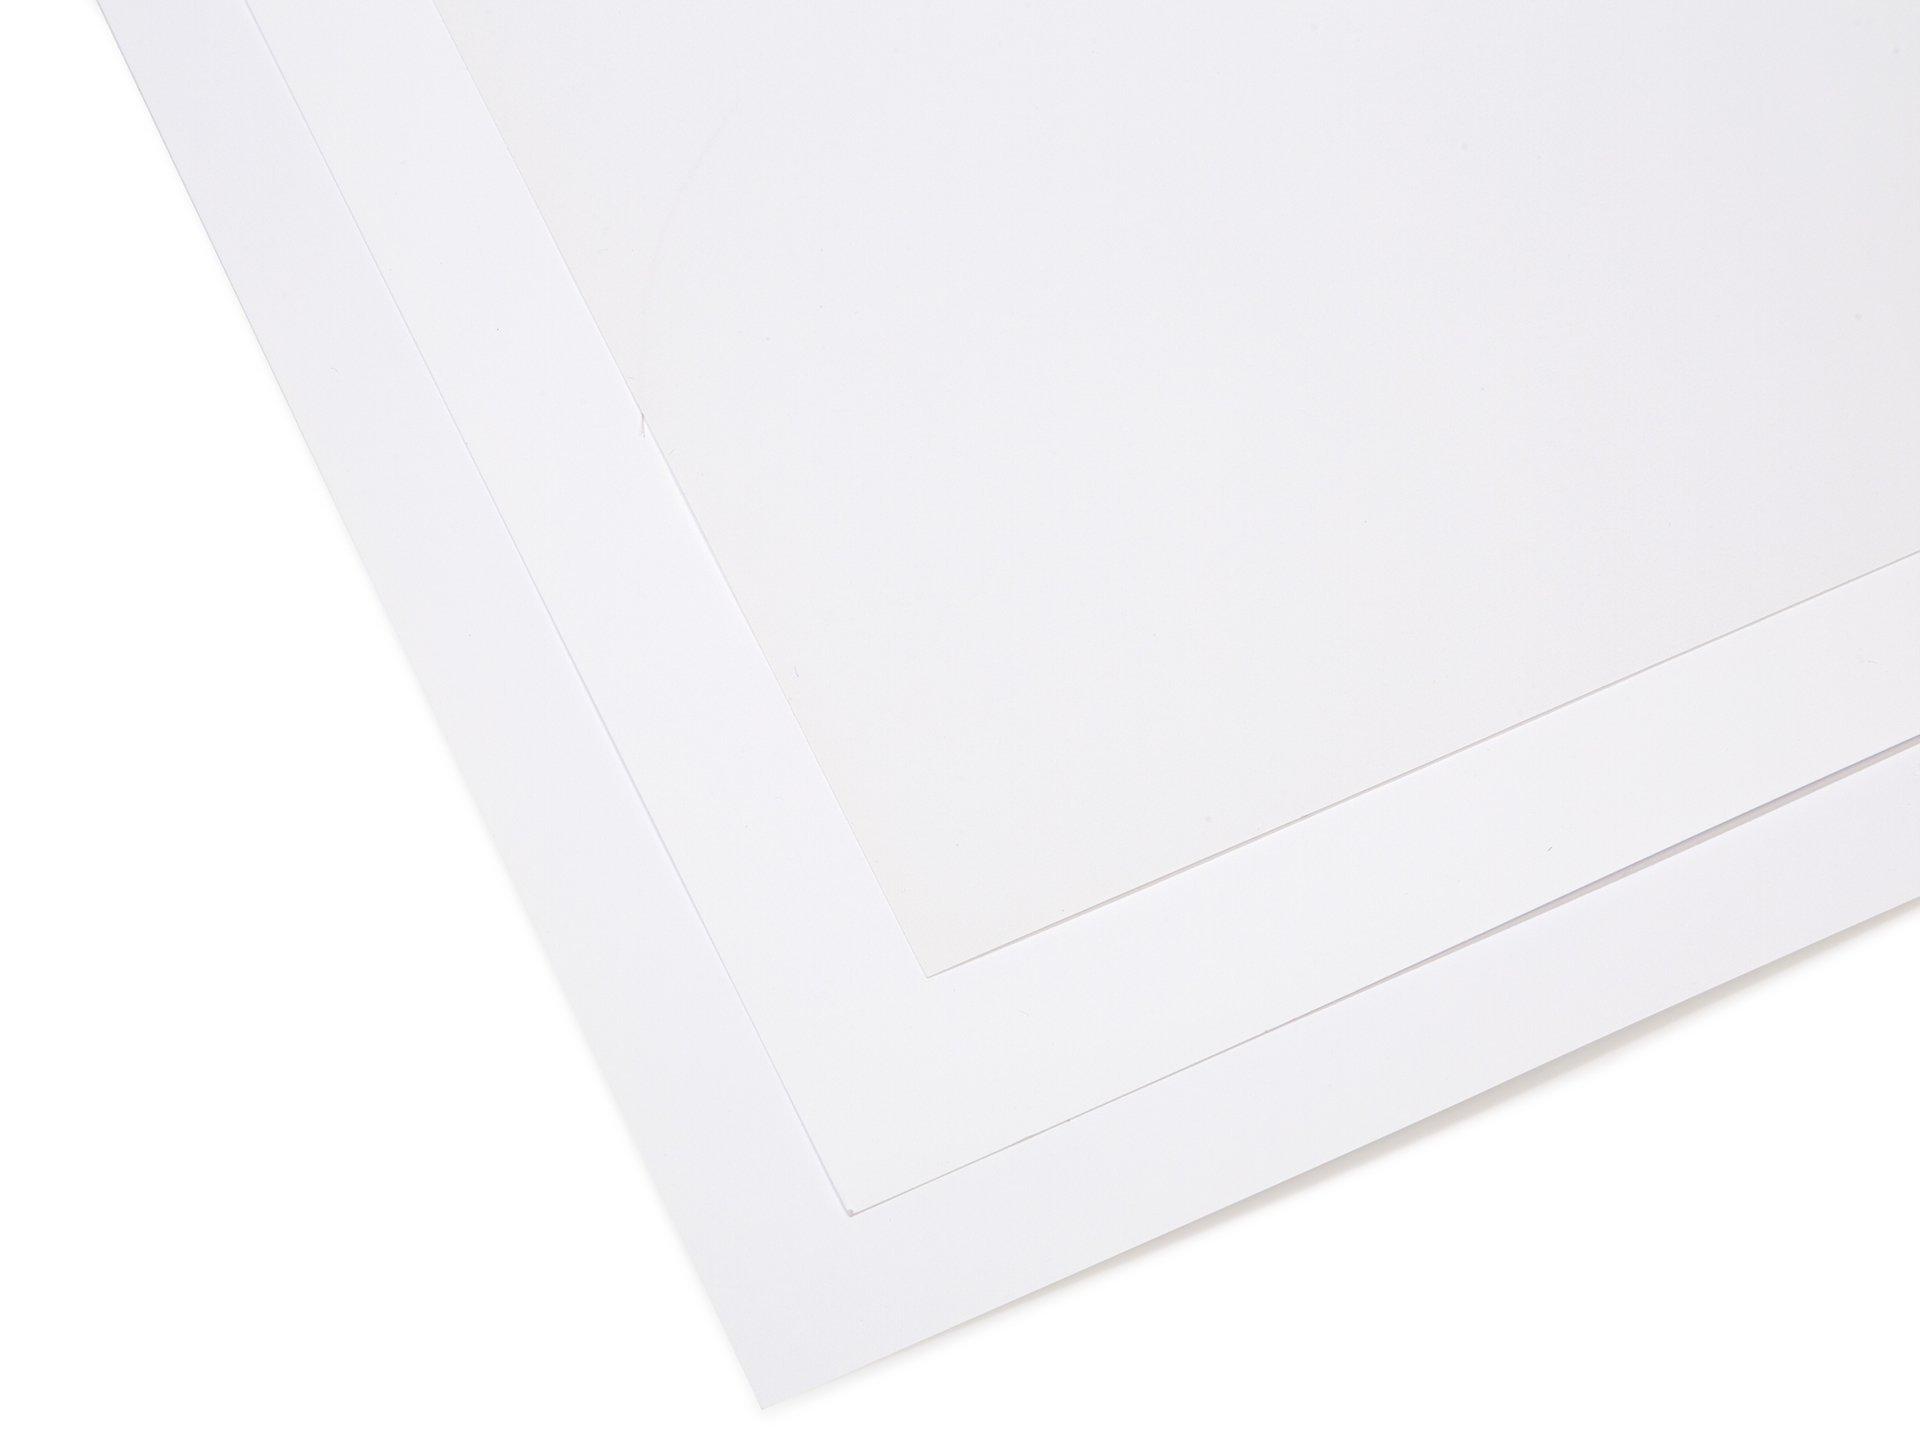 Papier/Karton weiß, matt gestrichen kaufen | Modulor